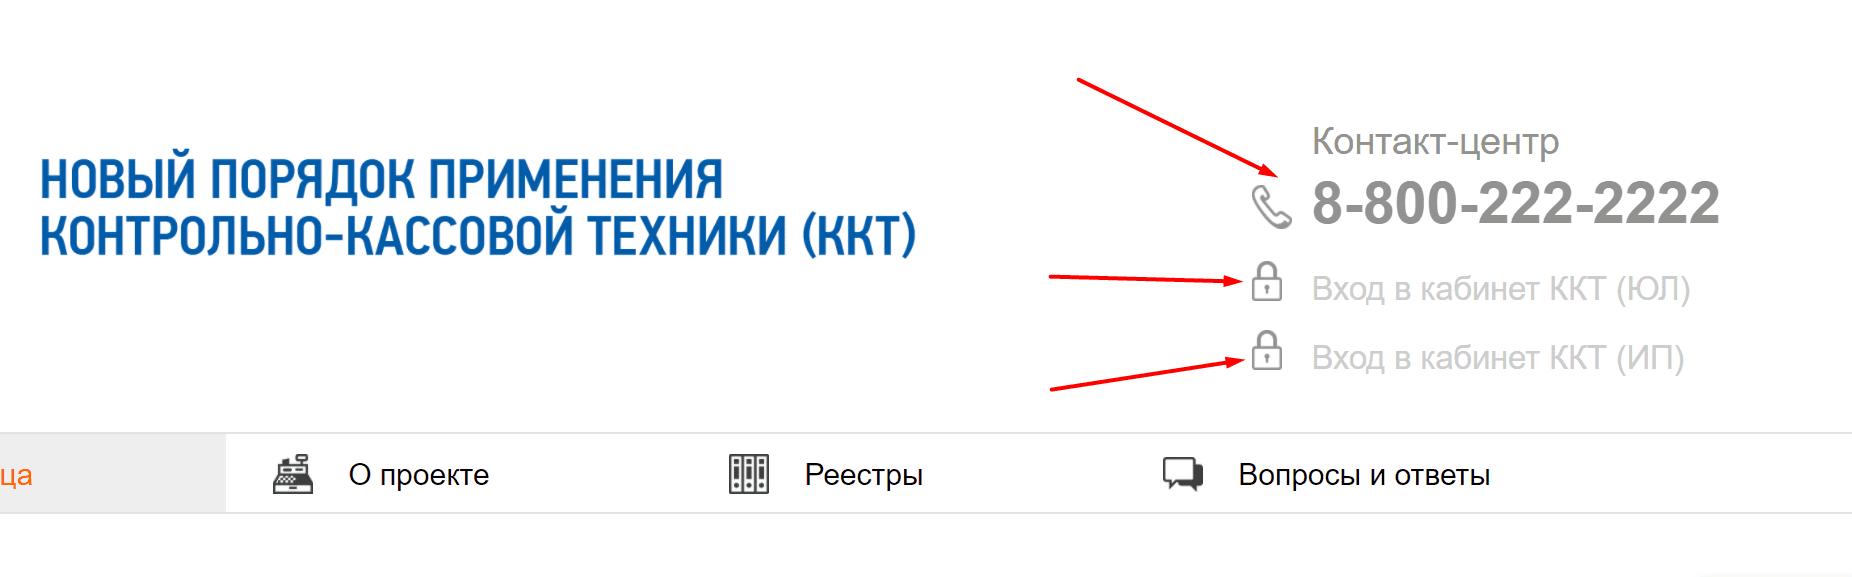 Официальный сайт ФНС ККТ